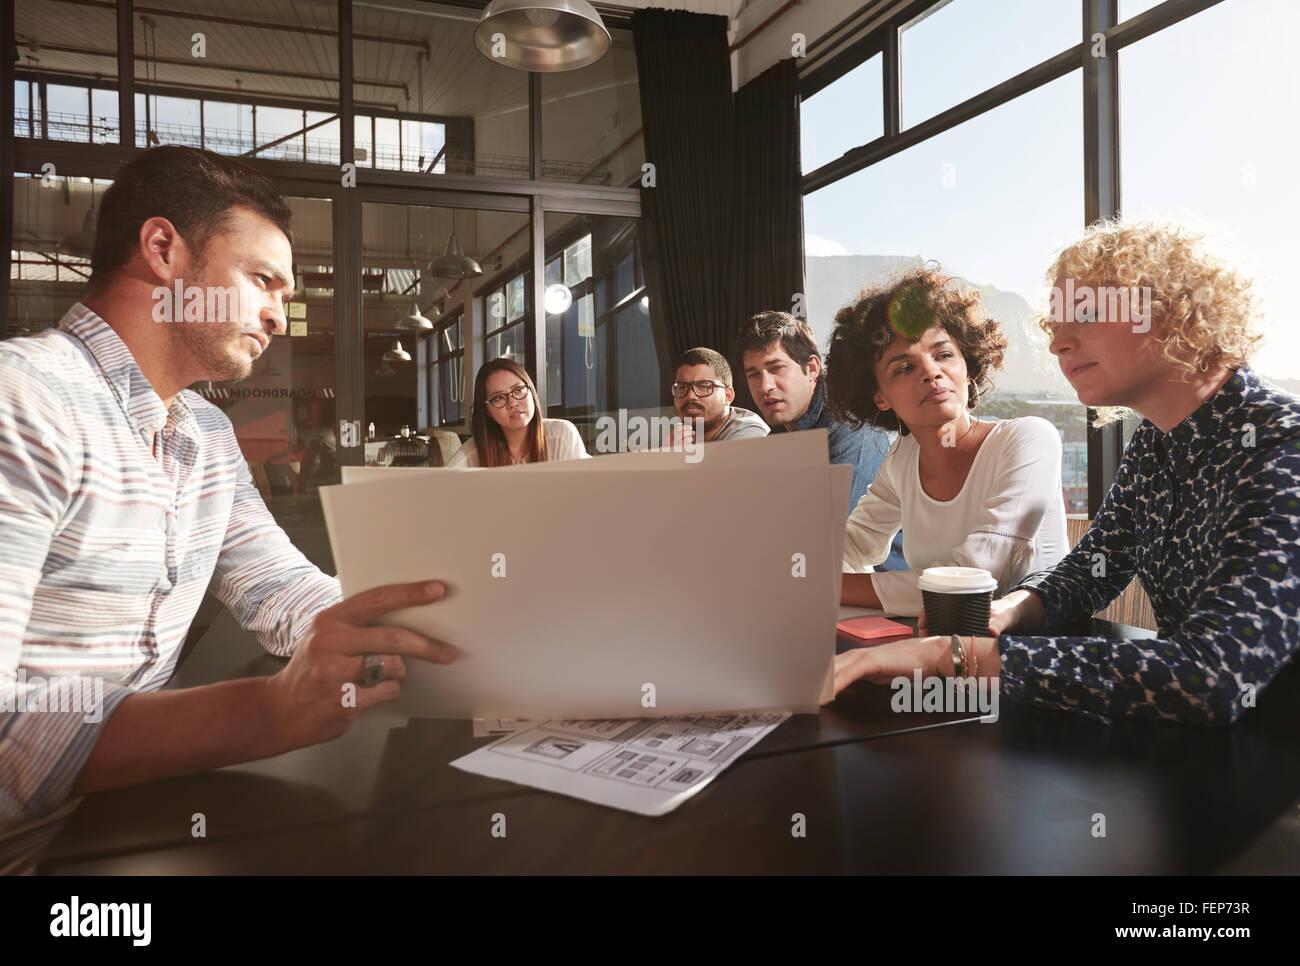 Heureux et réussi de l'équipe de collègues réunis pour élaborer des plans d'affaires Photo Stock